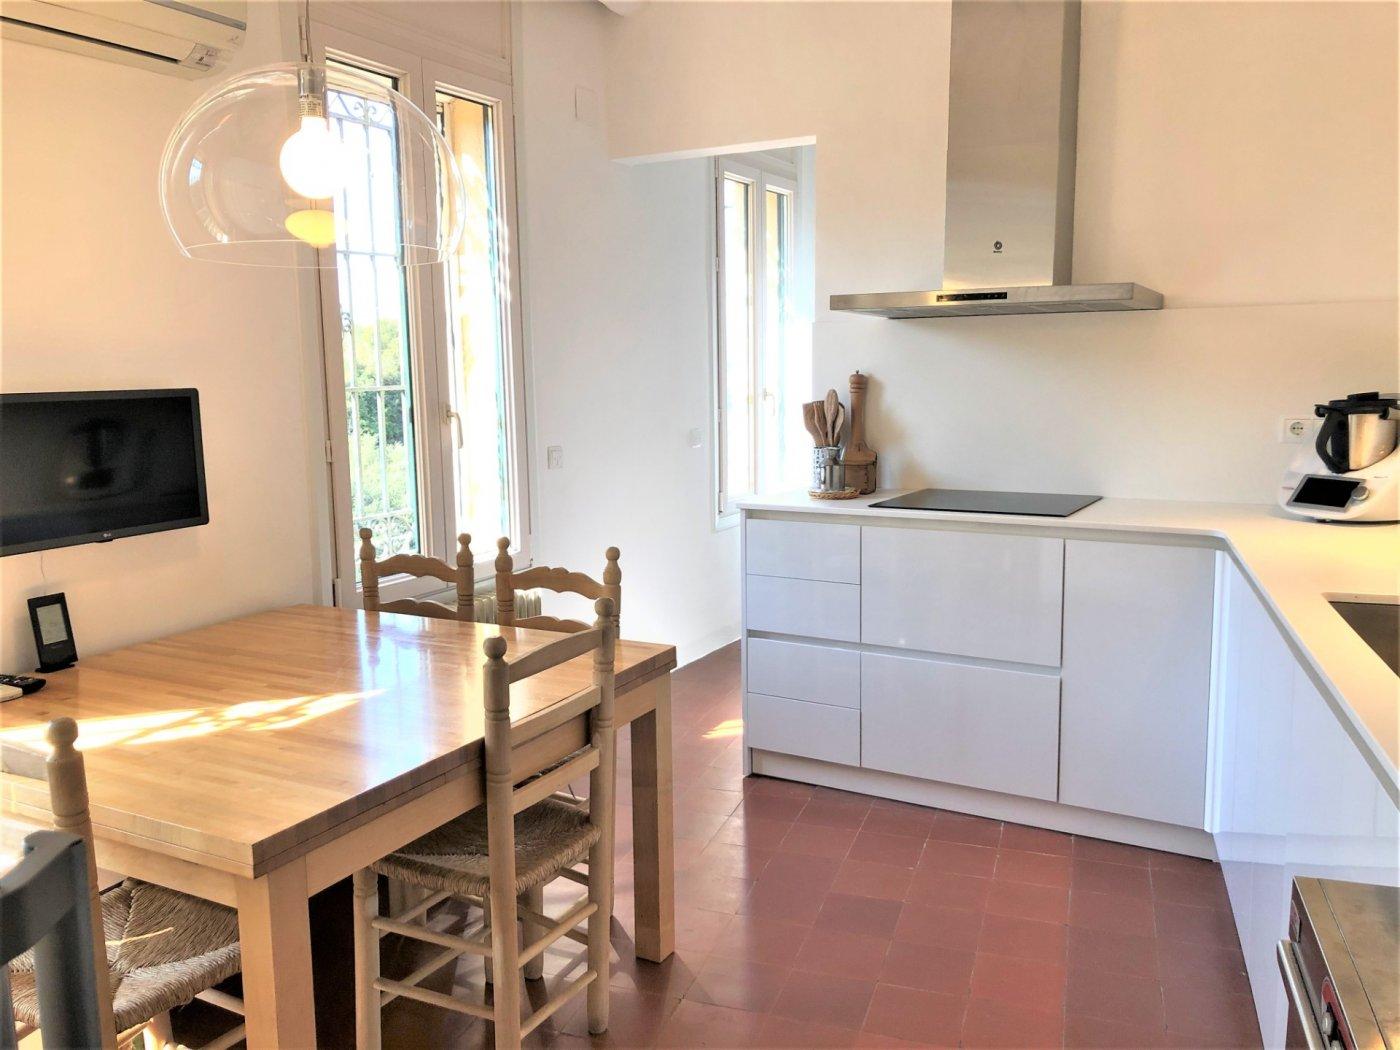 Casa en venta en montblanc - imagenInmueble21